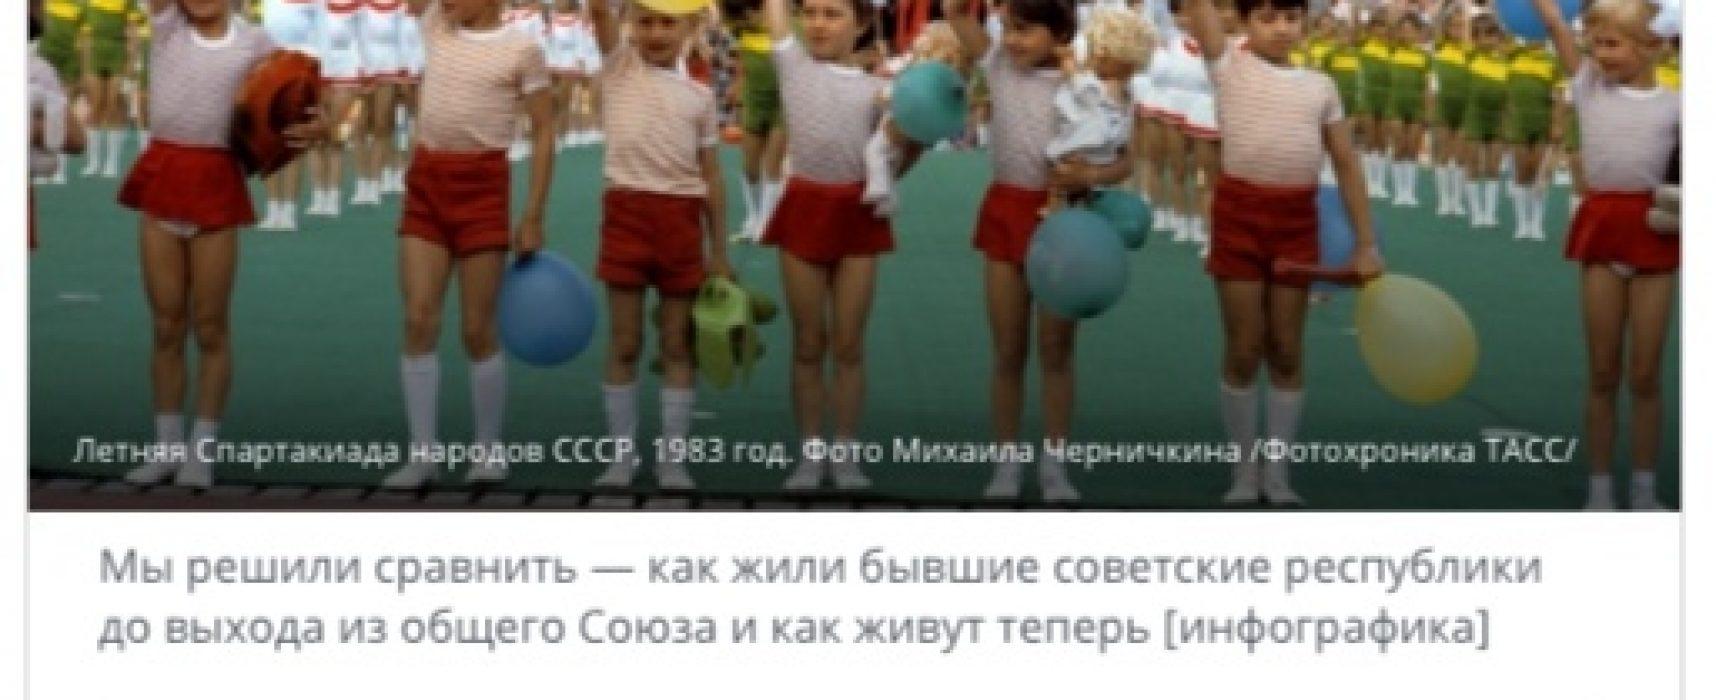 """Фейк: Кой кого е """"хранил"""" по време на СССР и как се е възстановил след разпада на СССР"""